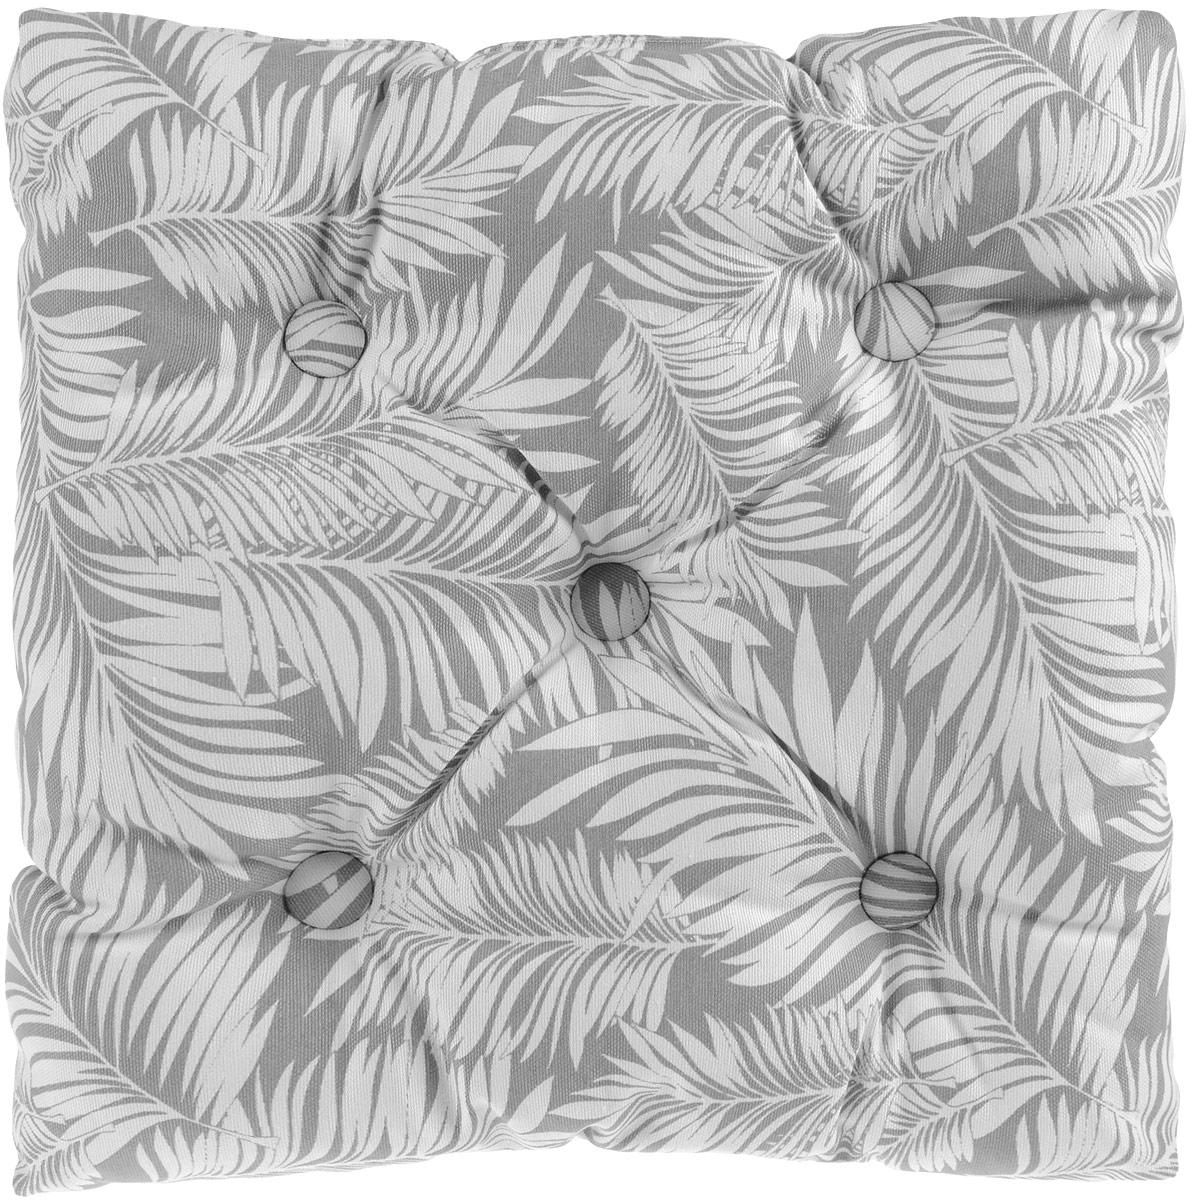 Подушка на стул KauffOrt Пальма, цвет: серый, 40 x 40 см6со6363-2Подушка на стул KauffOrt Пальма не только красиво дополнит интерьер кухни, но и обеспечит комфорт при сидении. Чехол выполнен из хлопка и полиэстера, а наполнитель из холлофайбера. Подушка легко крепится на стул с помощью завязок. Правильно сидеть - значит сохранить здоровье на долгие годы. Жесткие сидения подвергают наше здоровье опасности. Подушка с мягким наполнителем поможет предотвратить большинство нежелательных последствий сидячего образа жизни.Толщина подушки: 8 см.